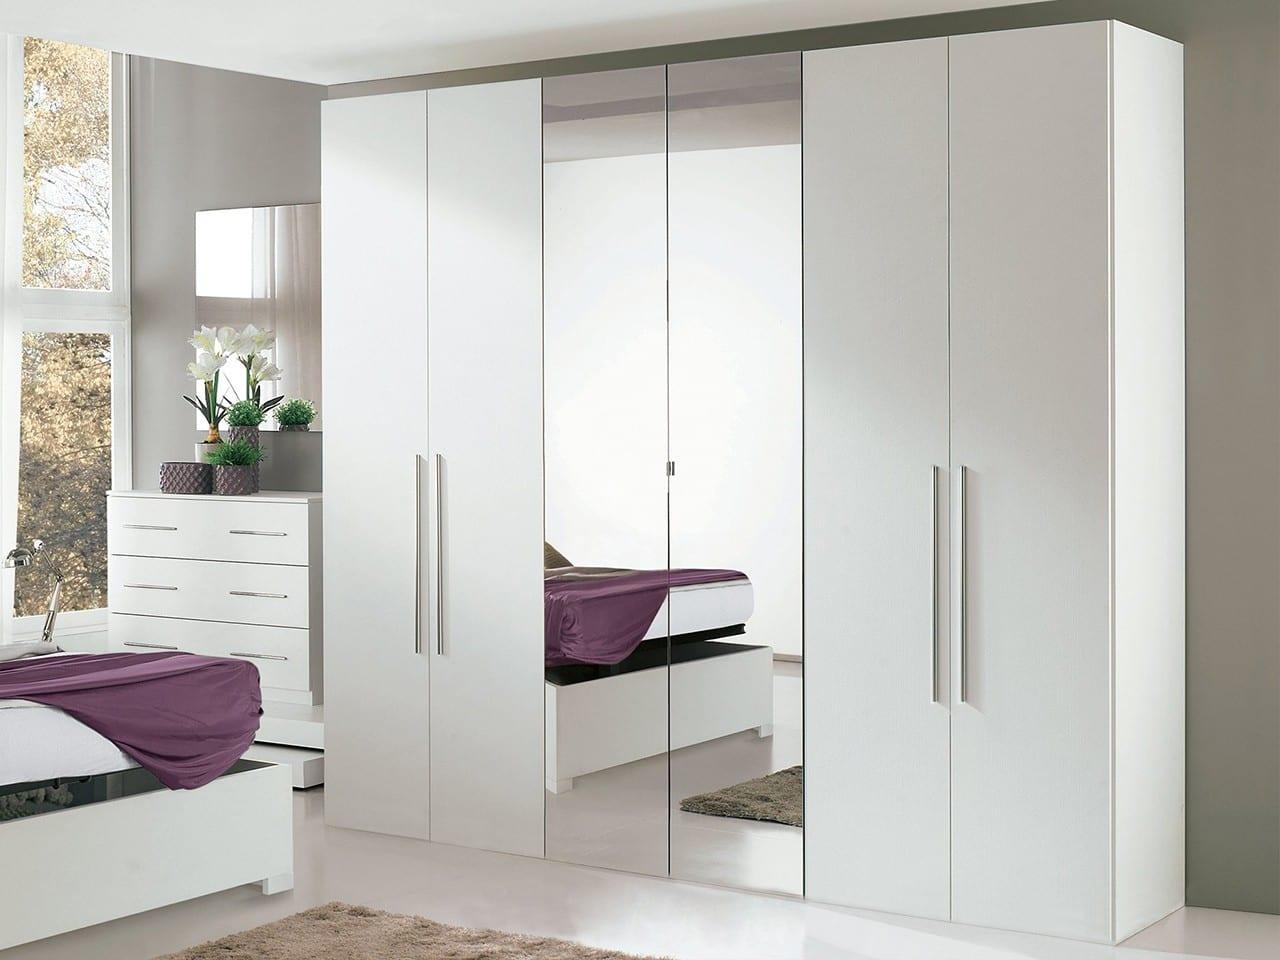 Elige el armario ideal para tu dormitorio - Armarios de habitacion ...